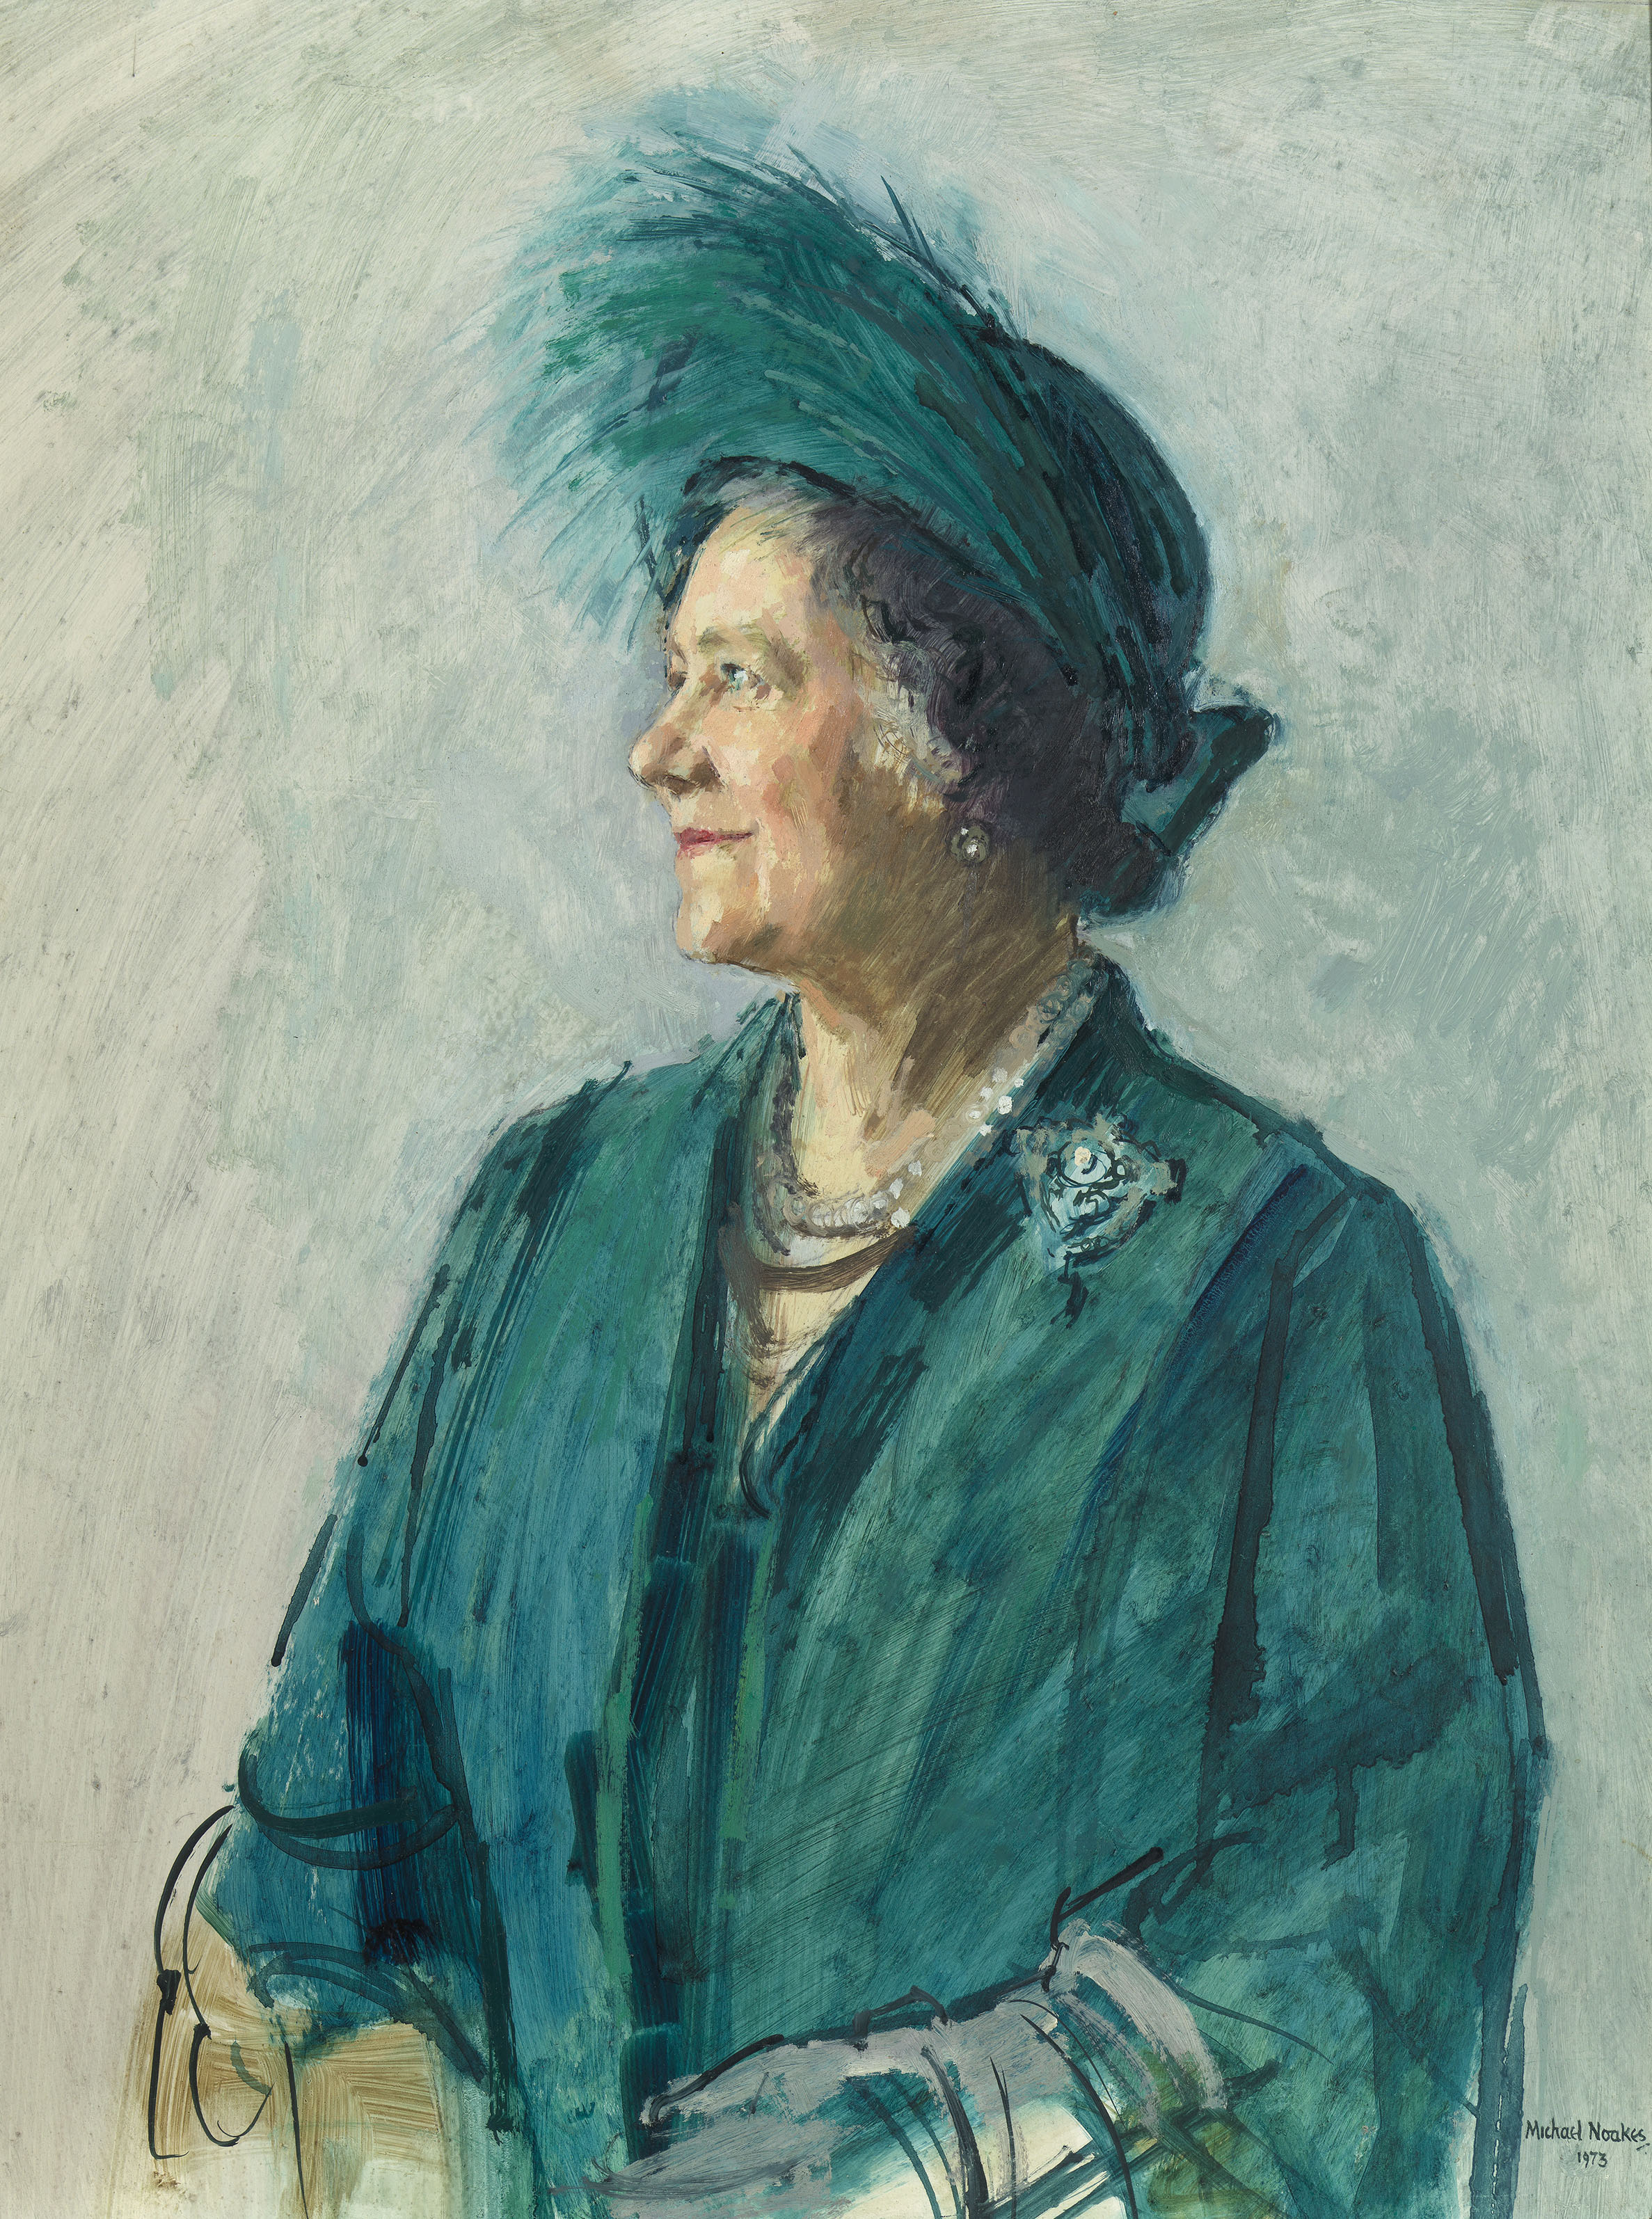 Michael Noakes - Queen Elizabeth The Queen Mother © Anya and Jonathan Noakes